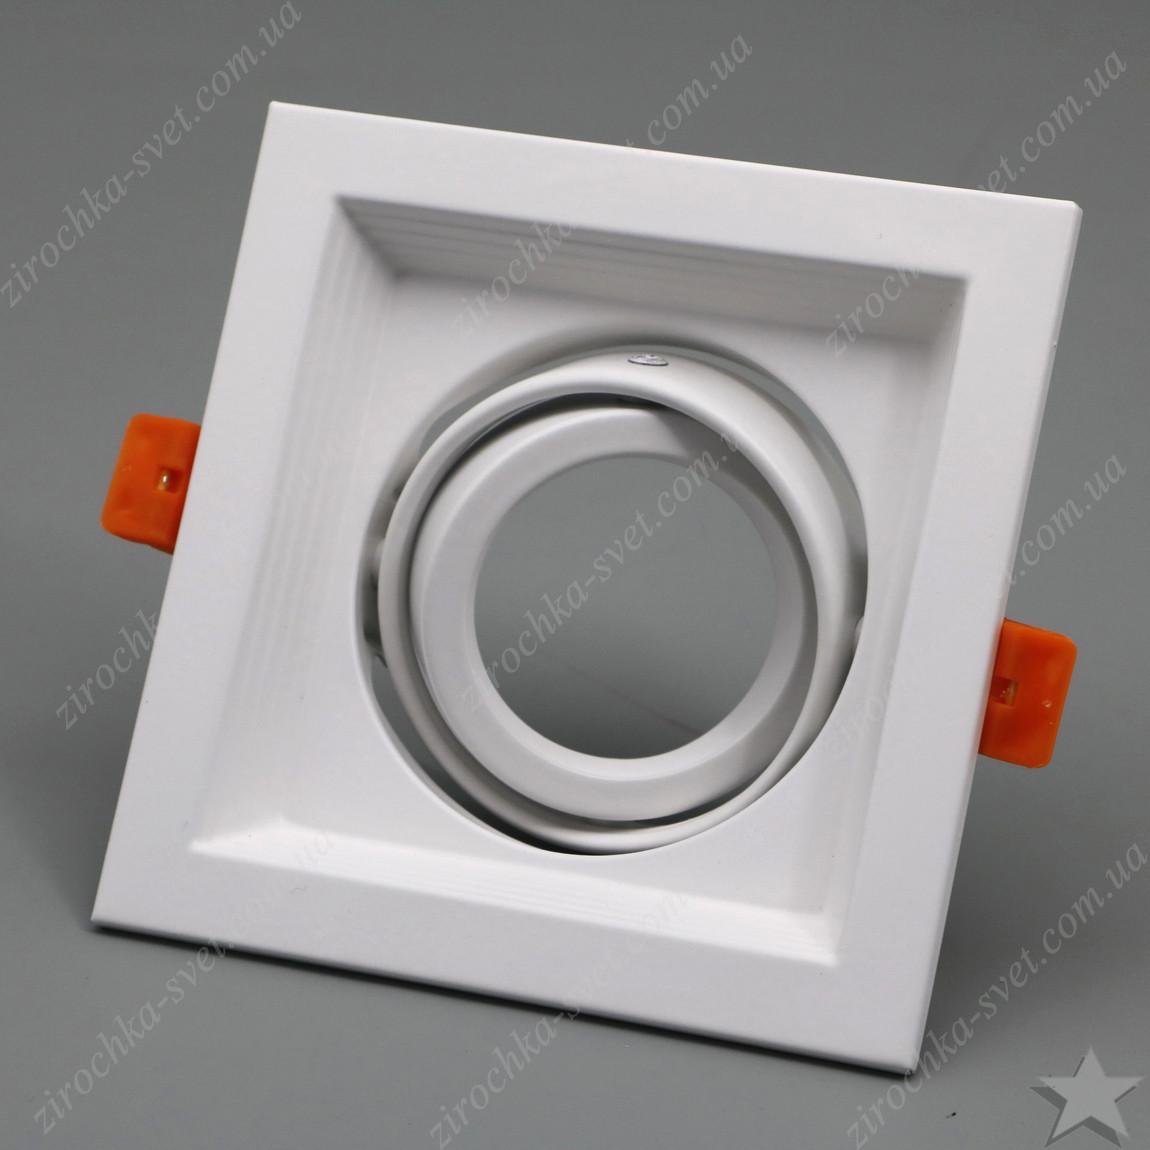 Cветильник карданный поворотный Feron DLT201 белый под лампу MR16